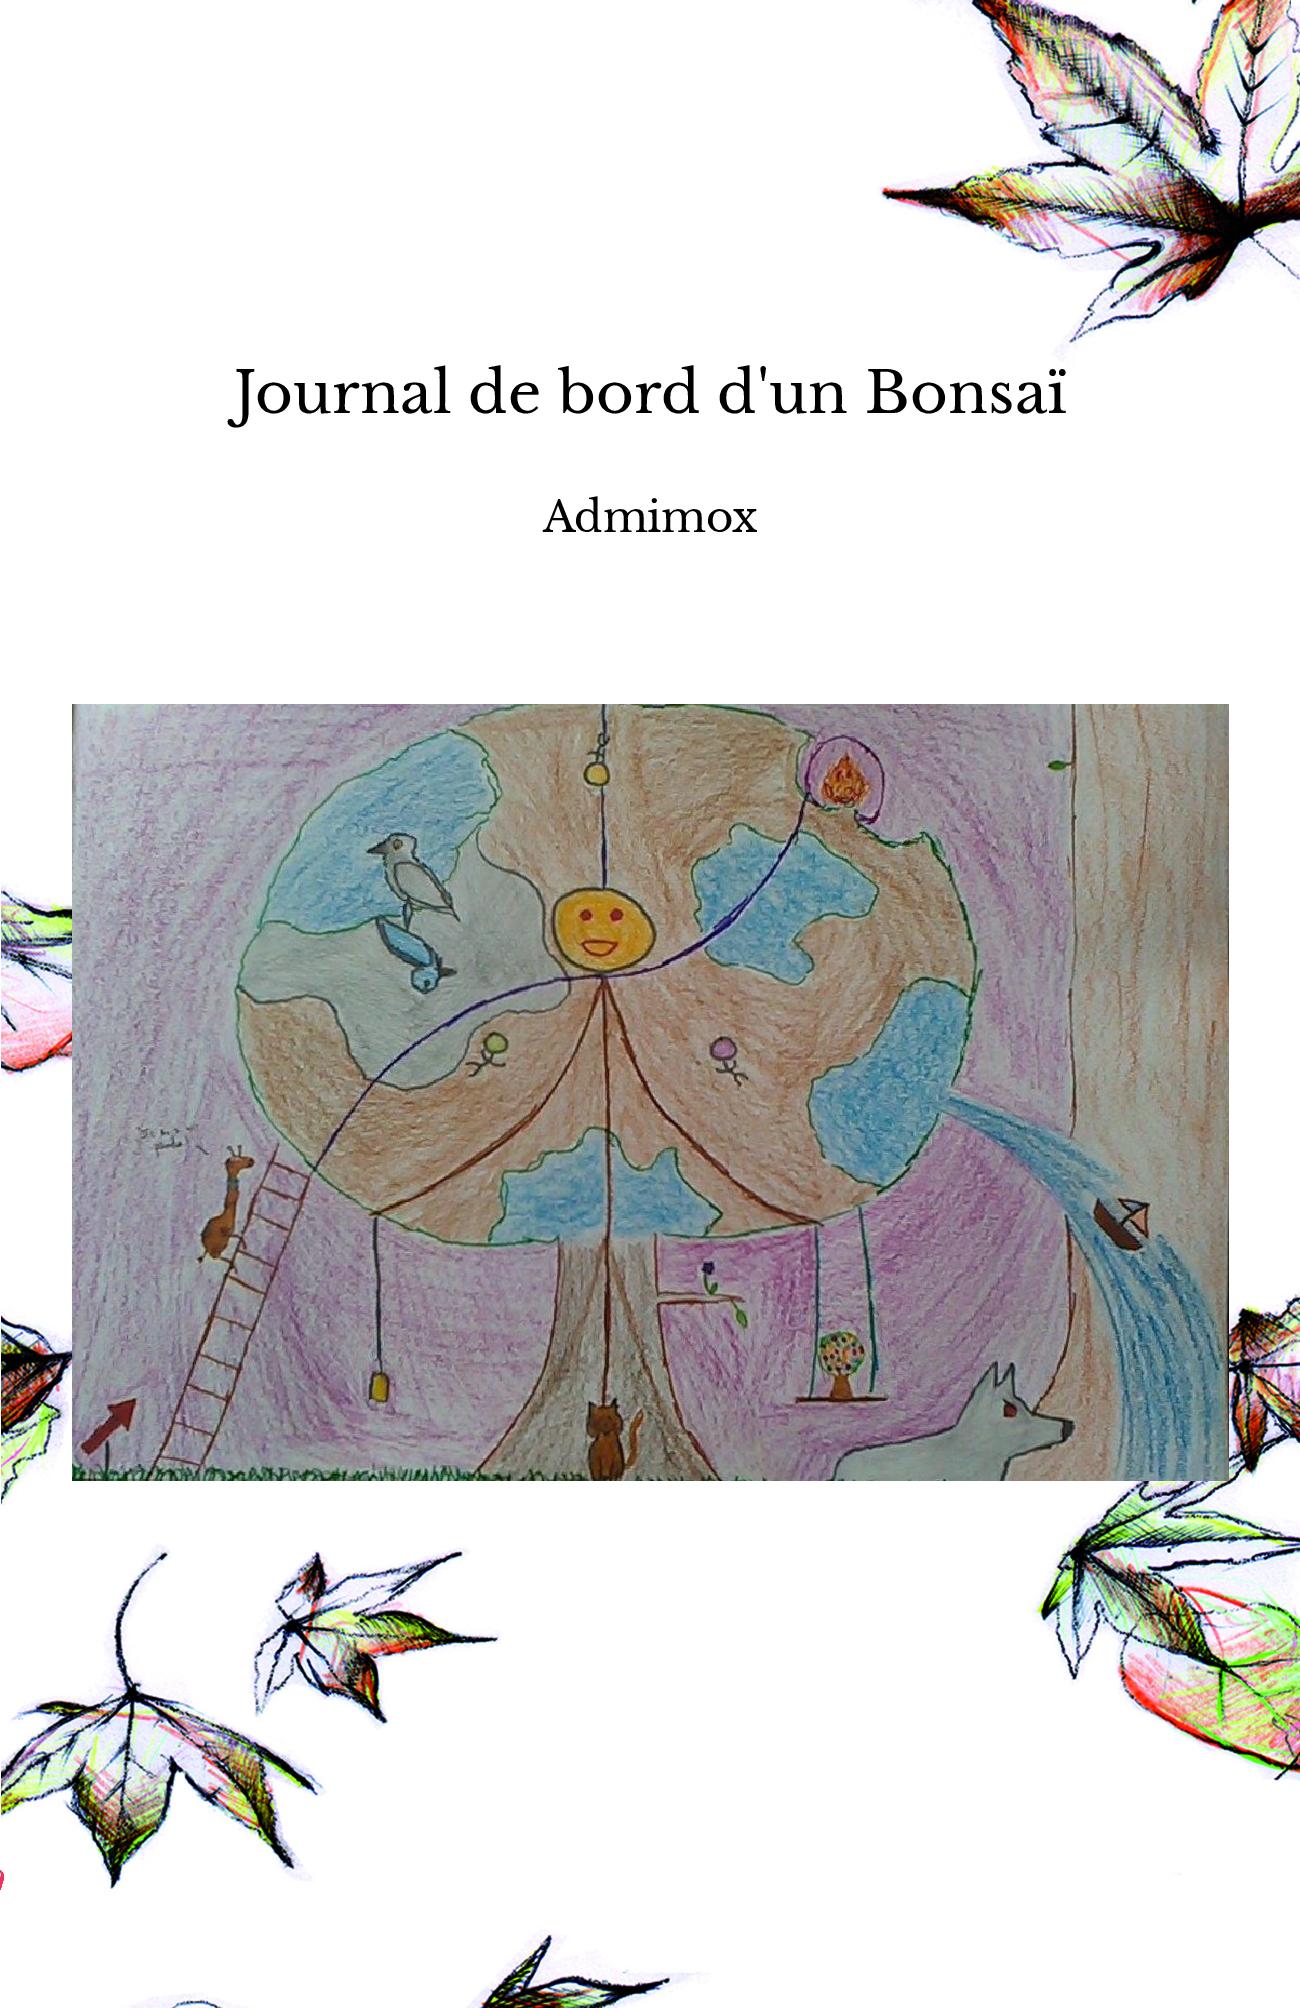 Journal de bord d'un Bonsaï